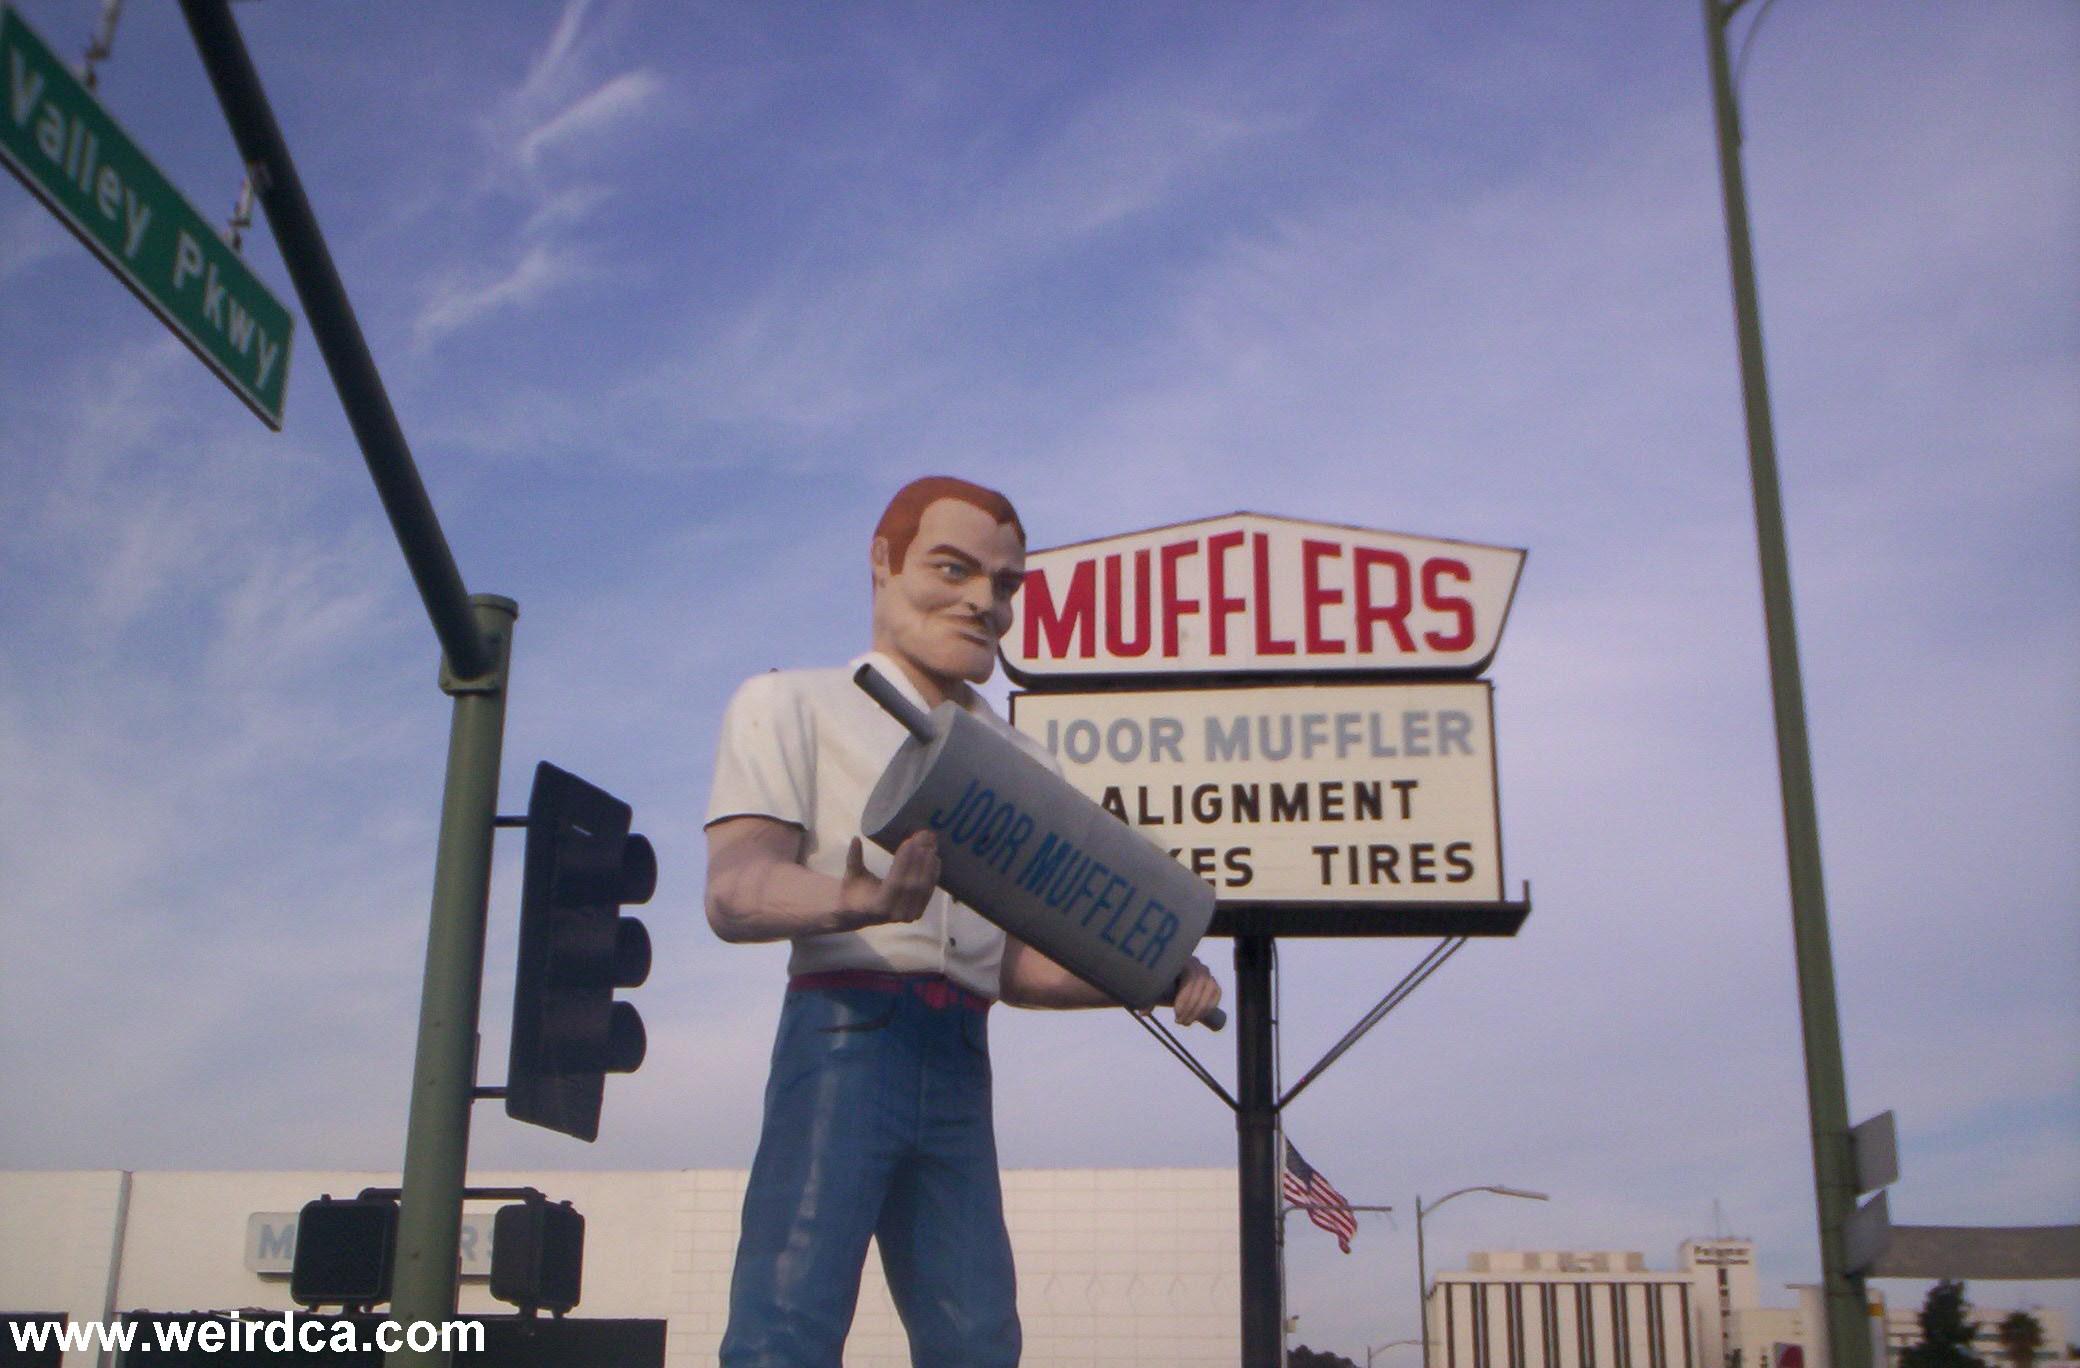 """Résultat de recherche d'images pour """"giant muffler shops images"""""""